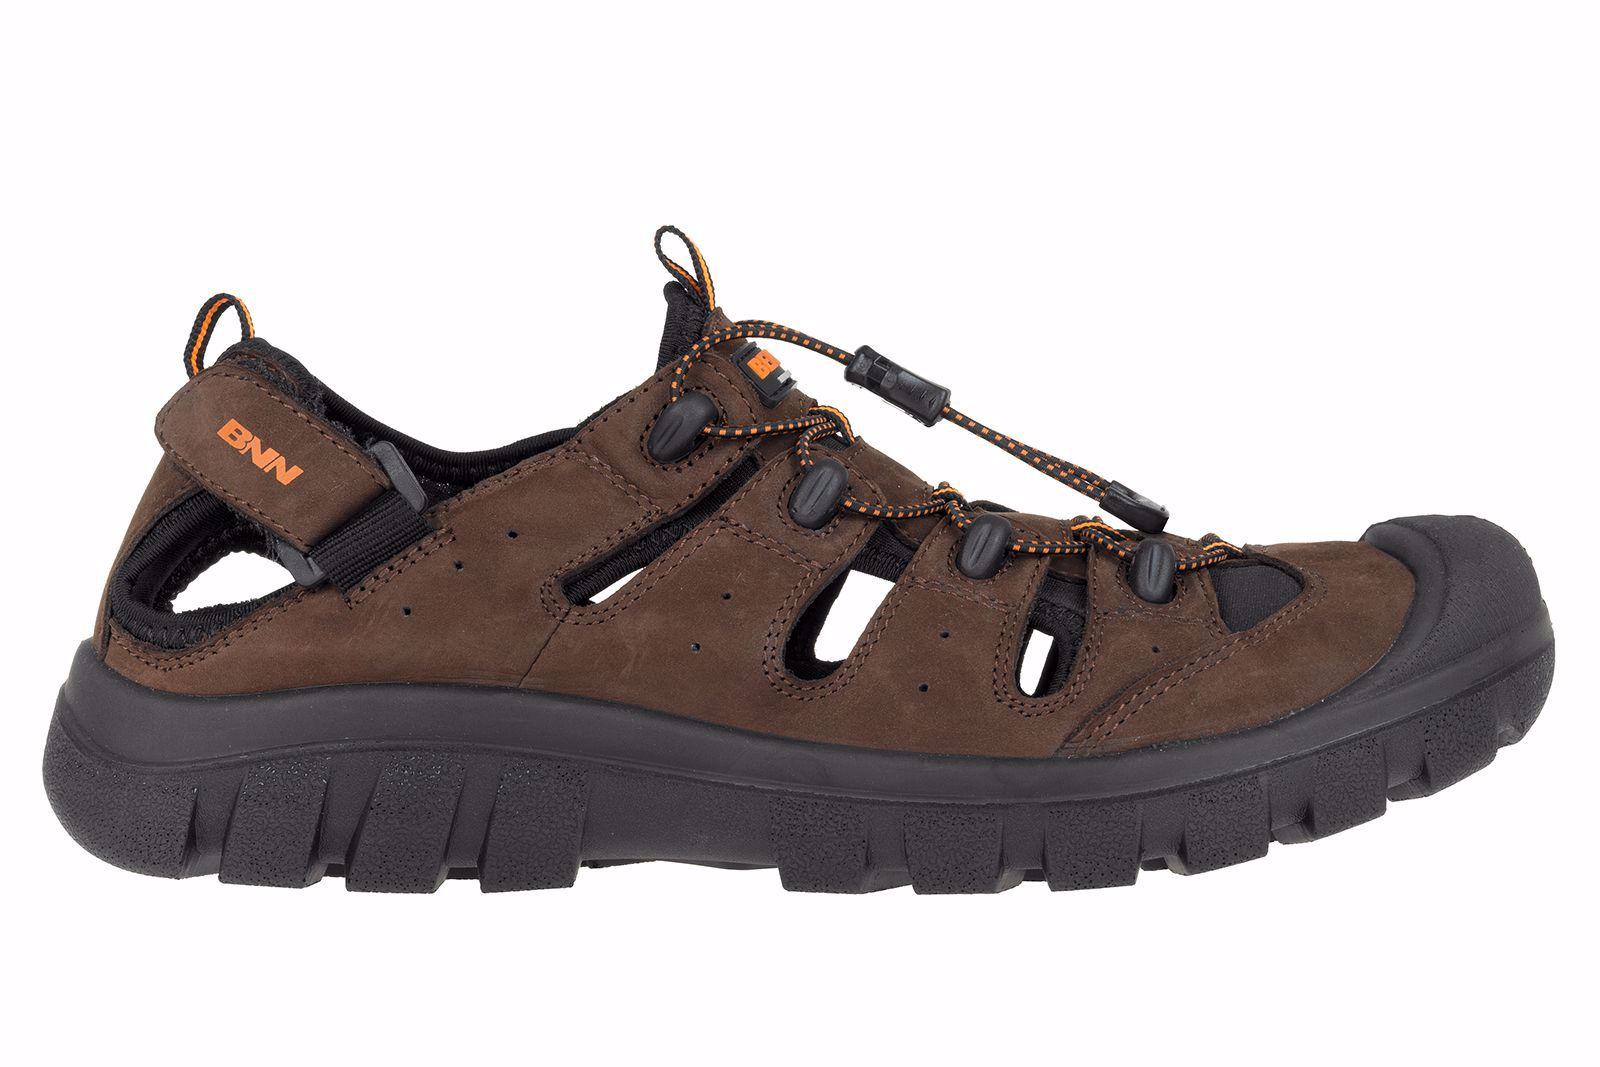 treková,obuv,sandál